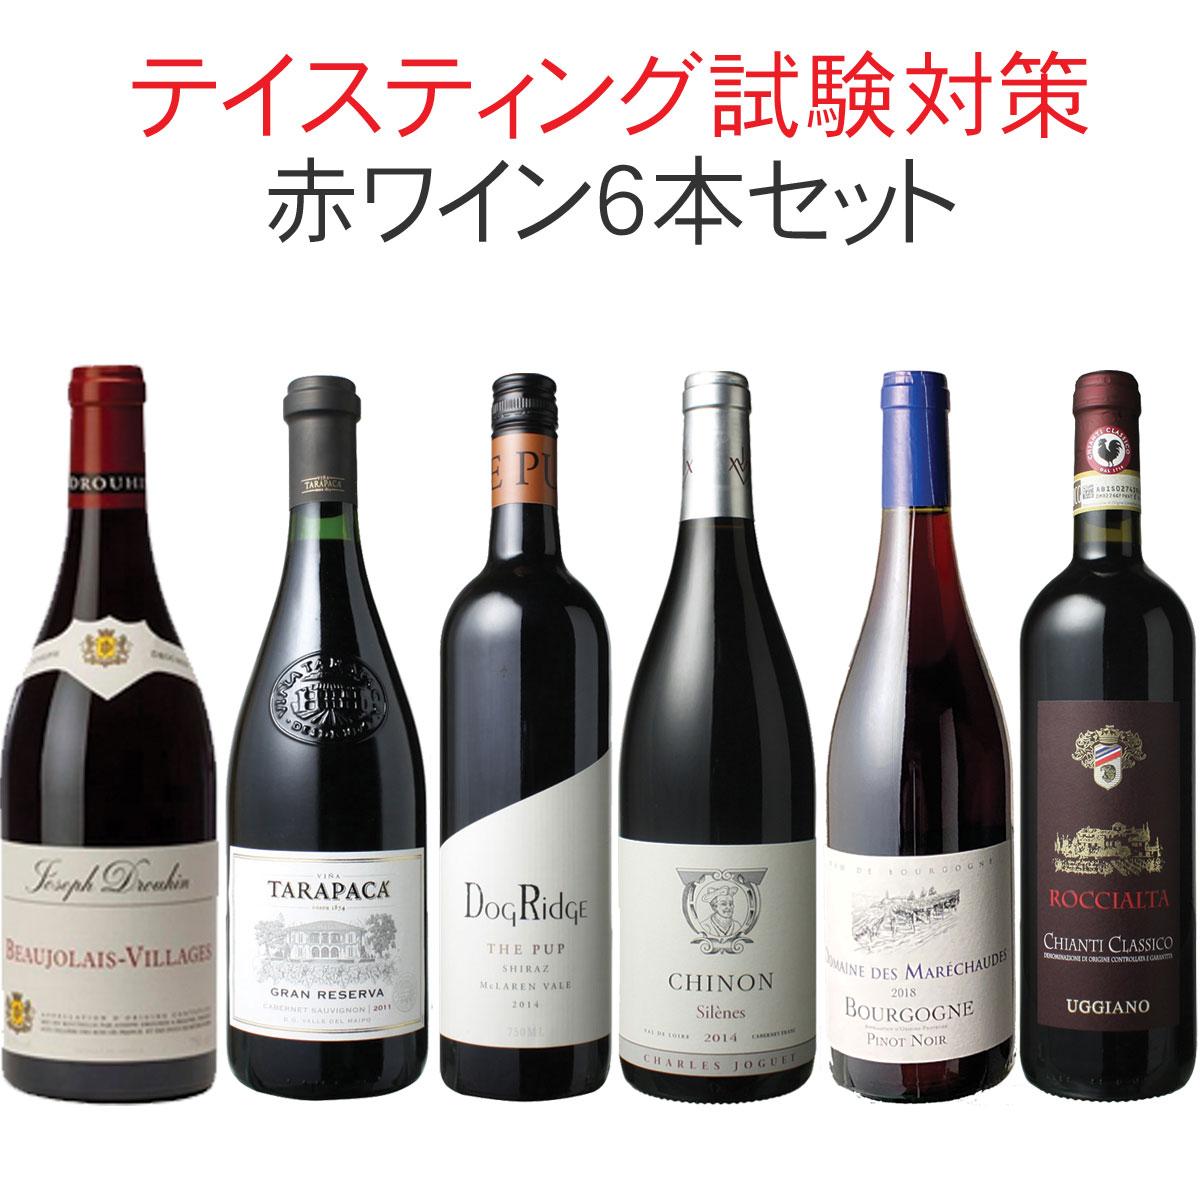 ワインセット ソムリエ&ワインエキスパート試験対策にもなる! 品種別 飲み比べ  6本 セット 赤ワイン テイスティング 二次試験対策